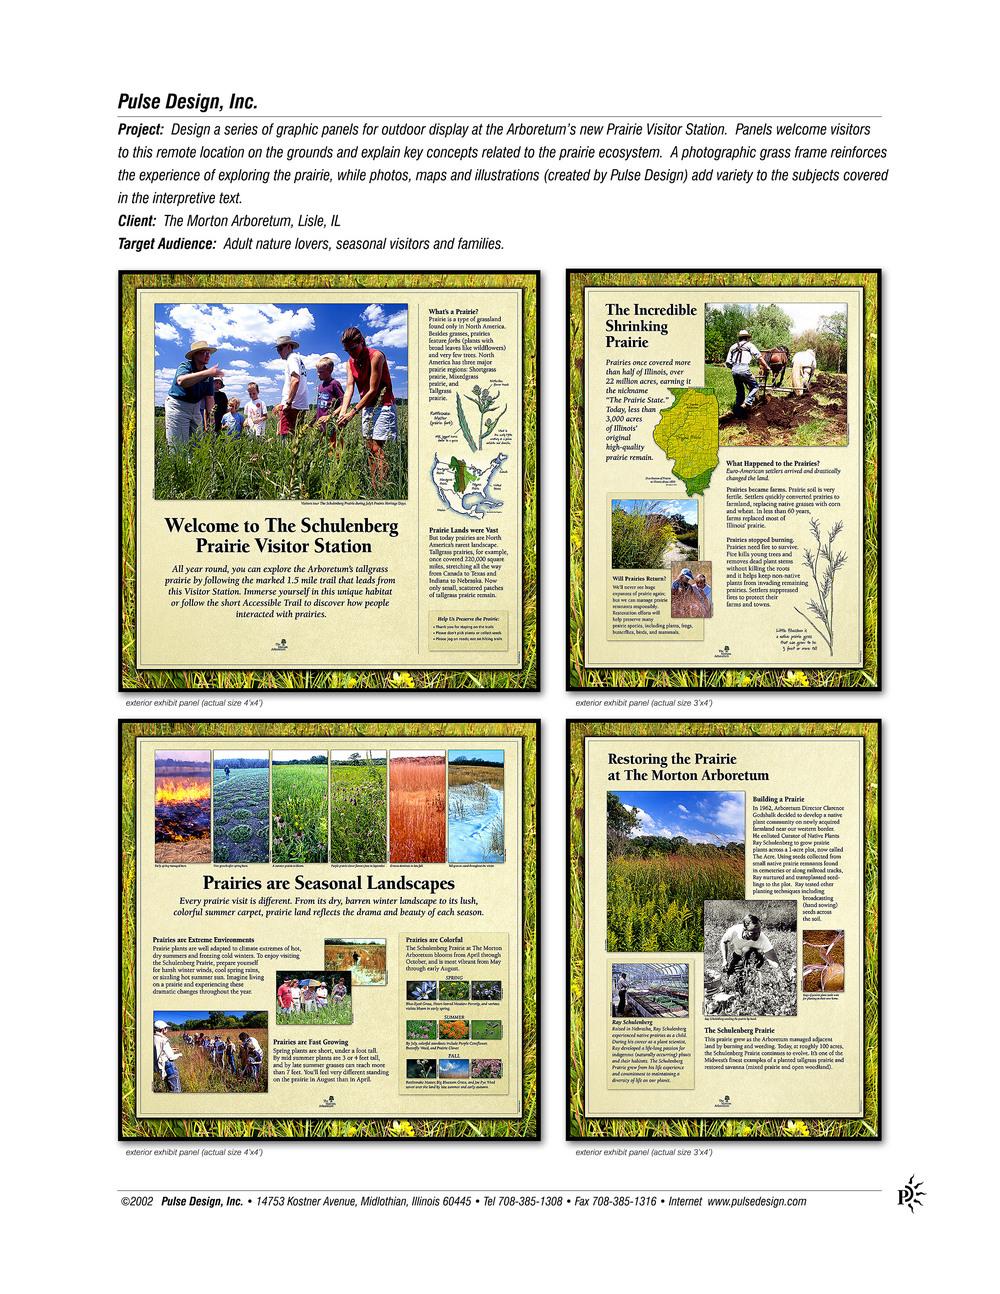 Morton-Arboretum-Prairie-1-Trail-Sign-Pulse-Design-Inc.jpg